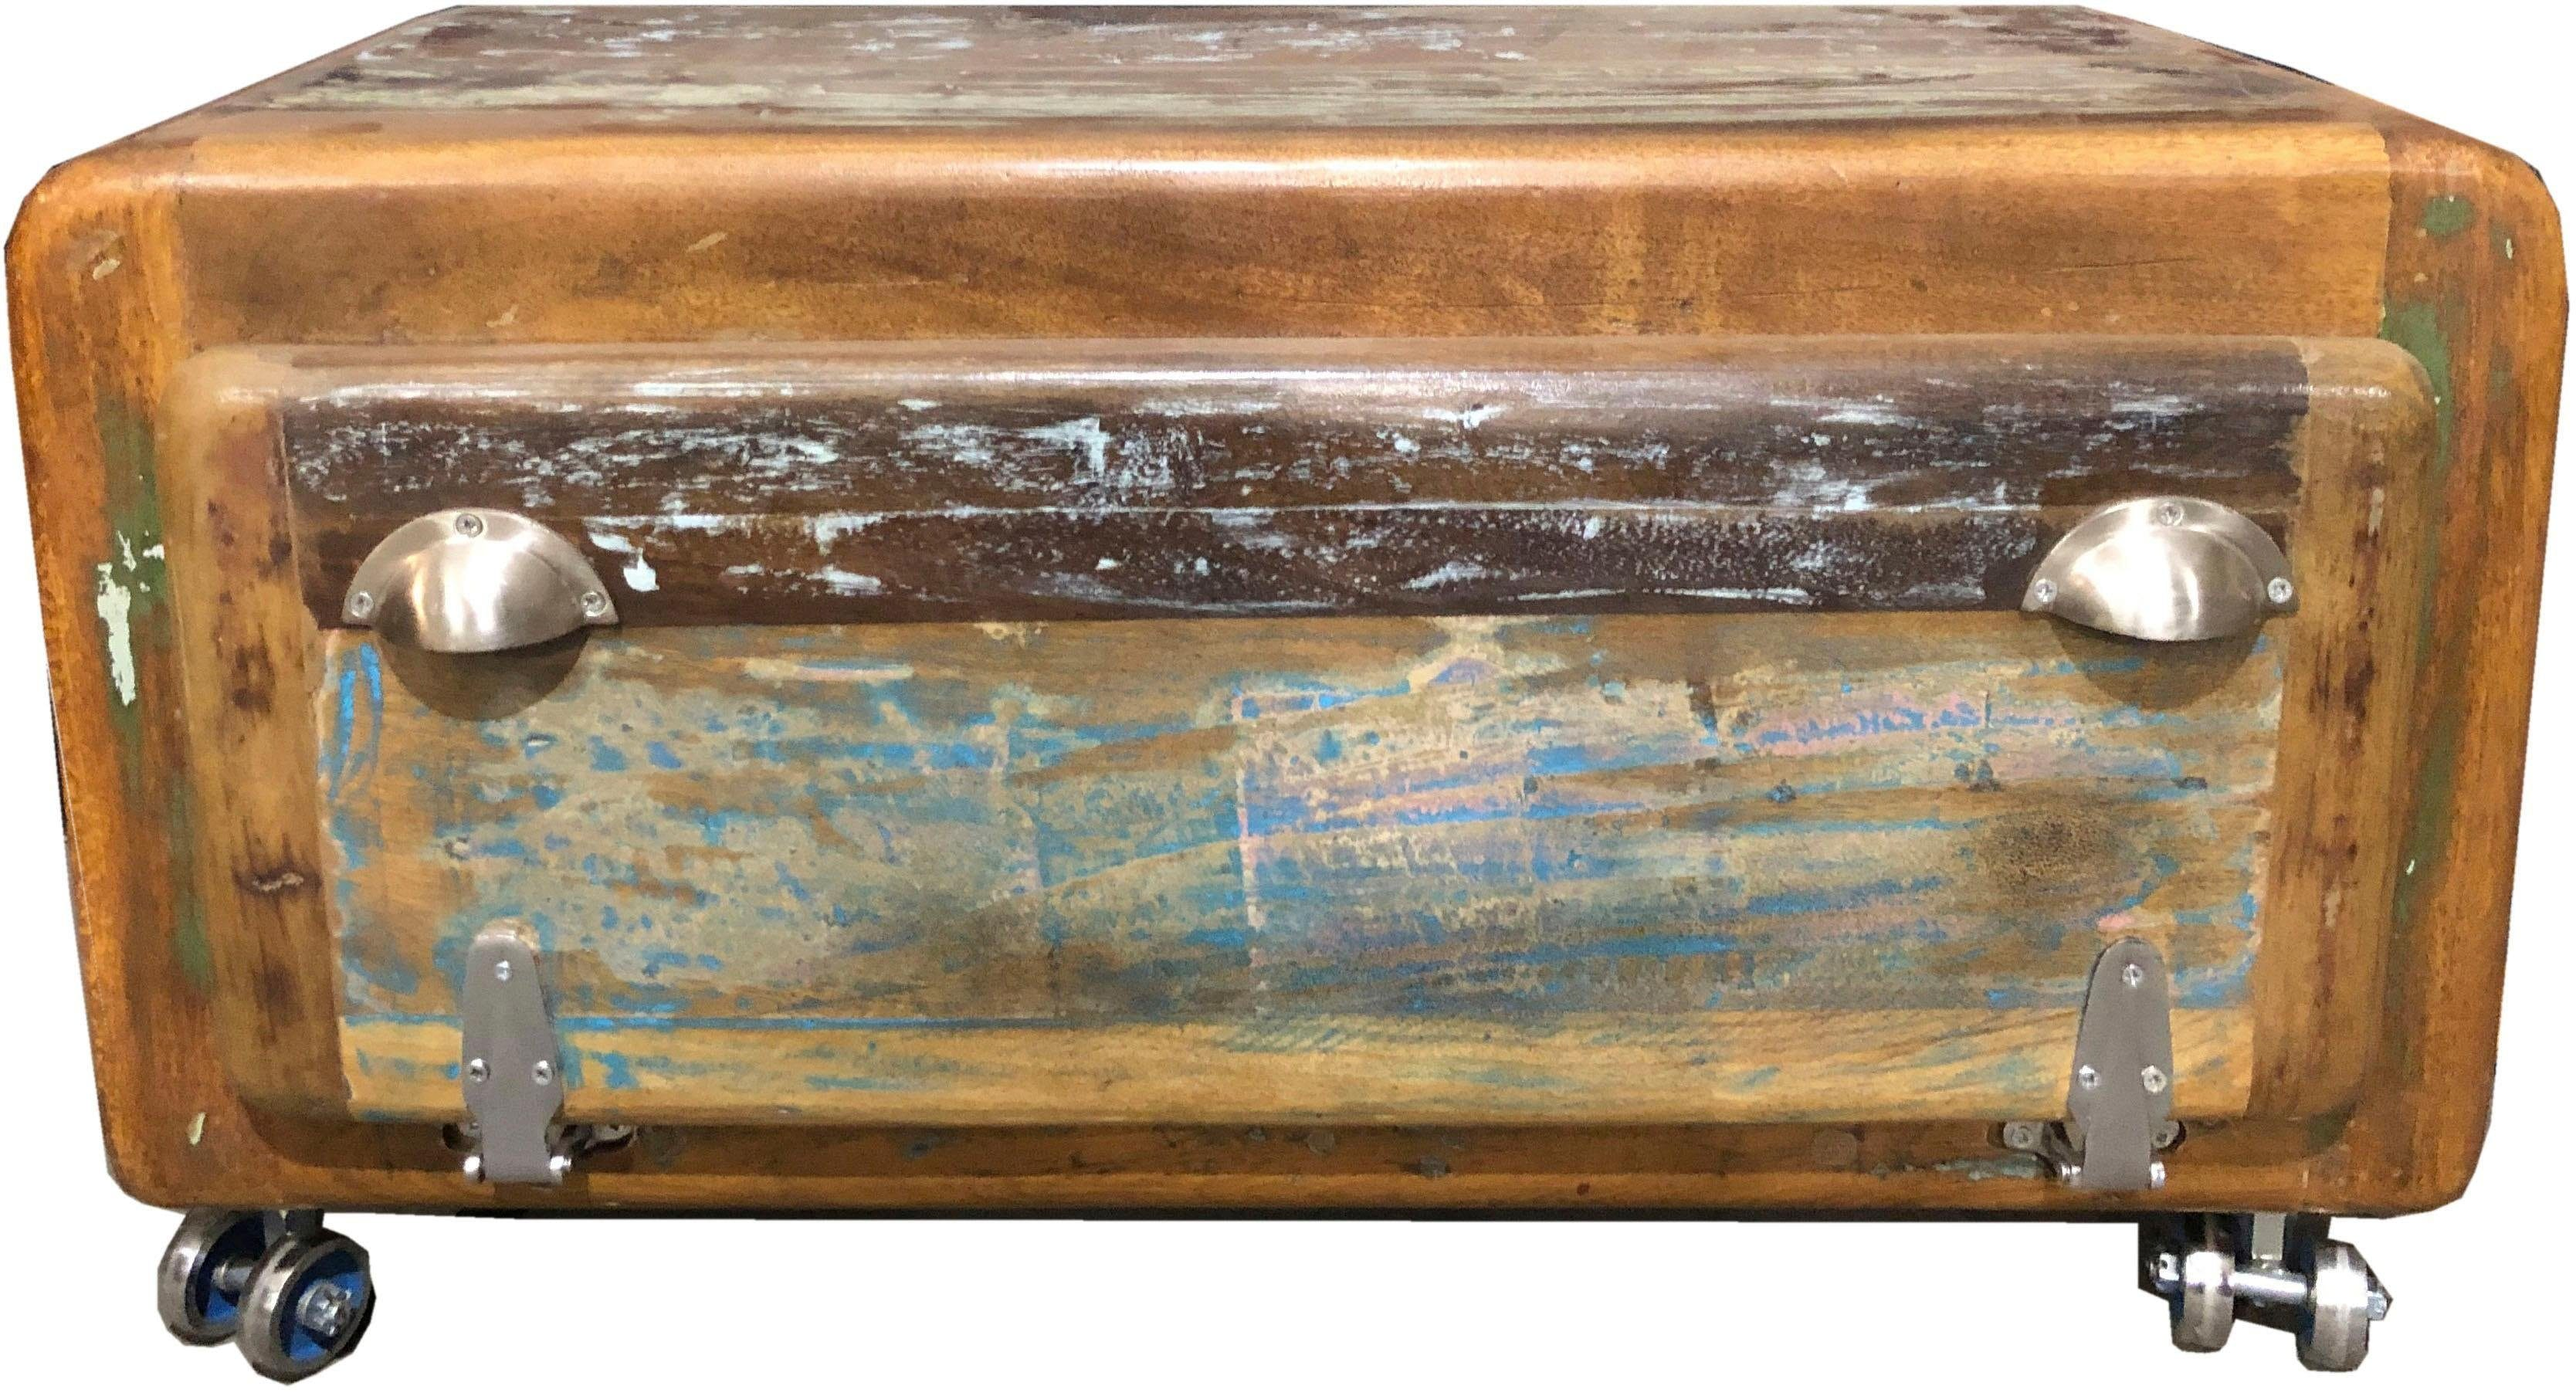 SIT Schuhschrank »Fridge«, aus recyceltem Altholz, Shabby Chic, Vintage günstig online kaufen